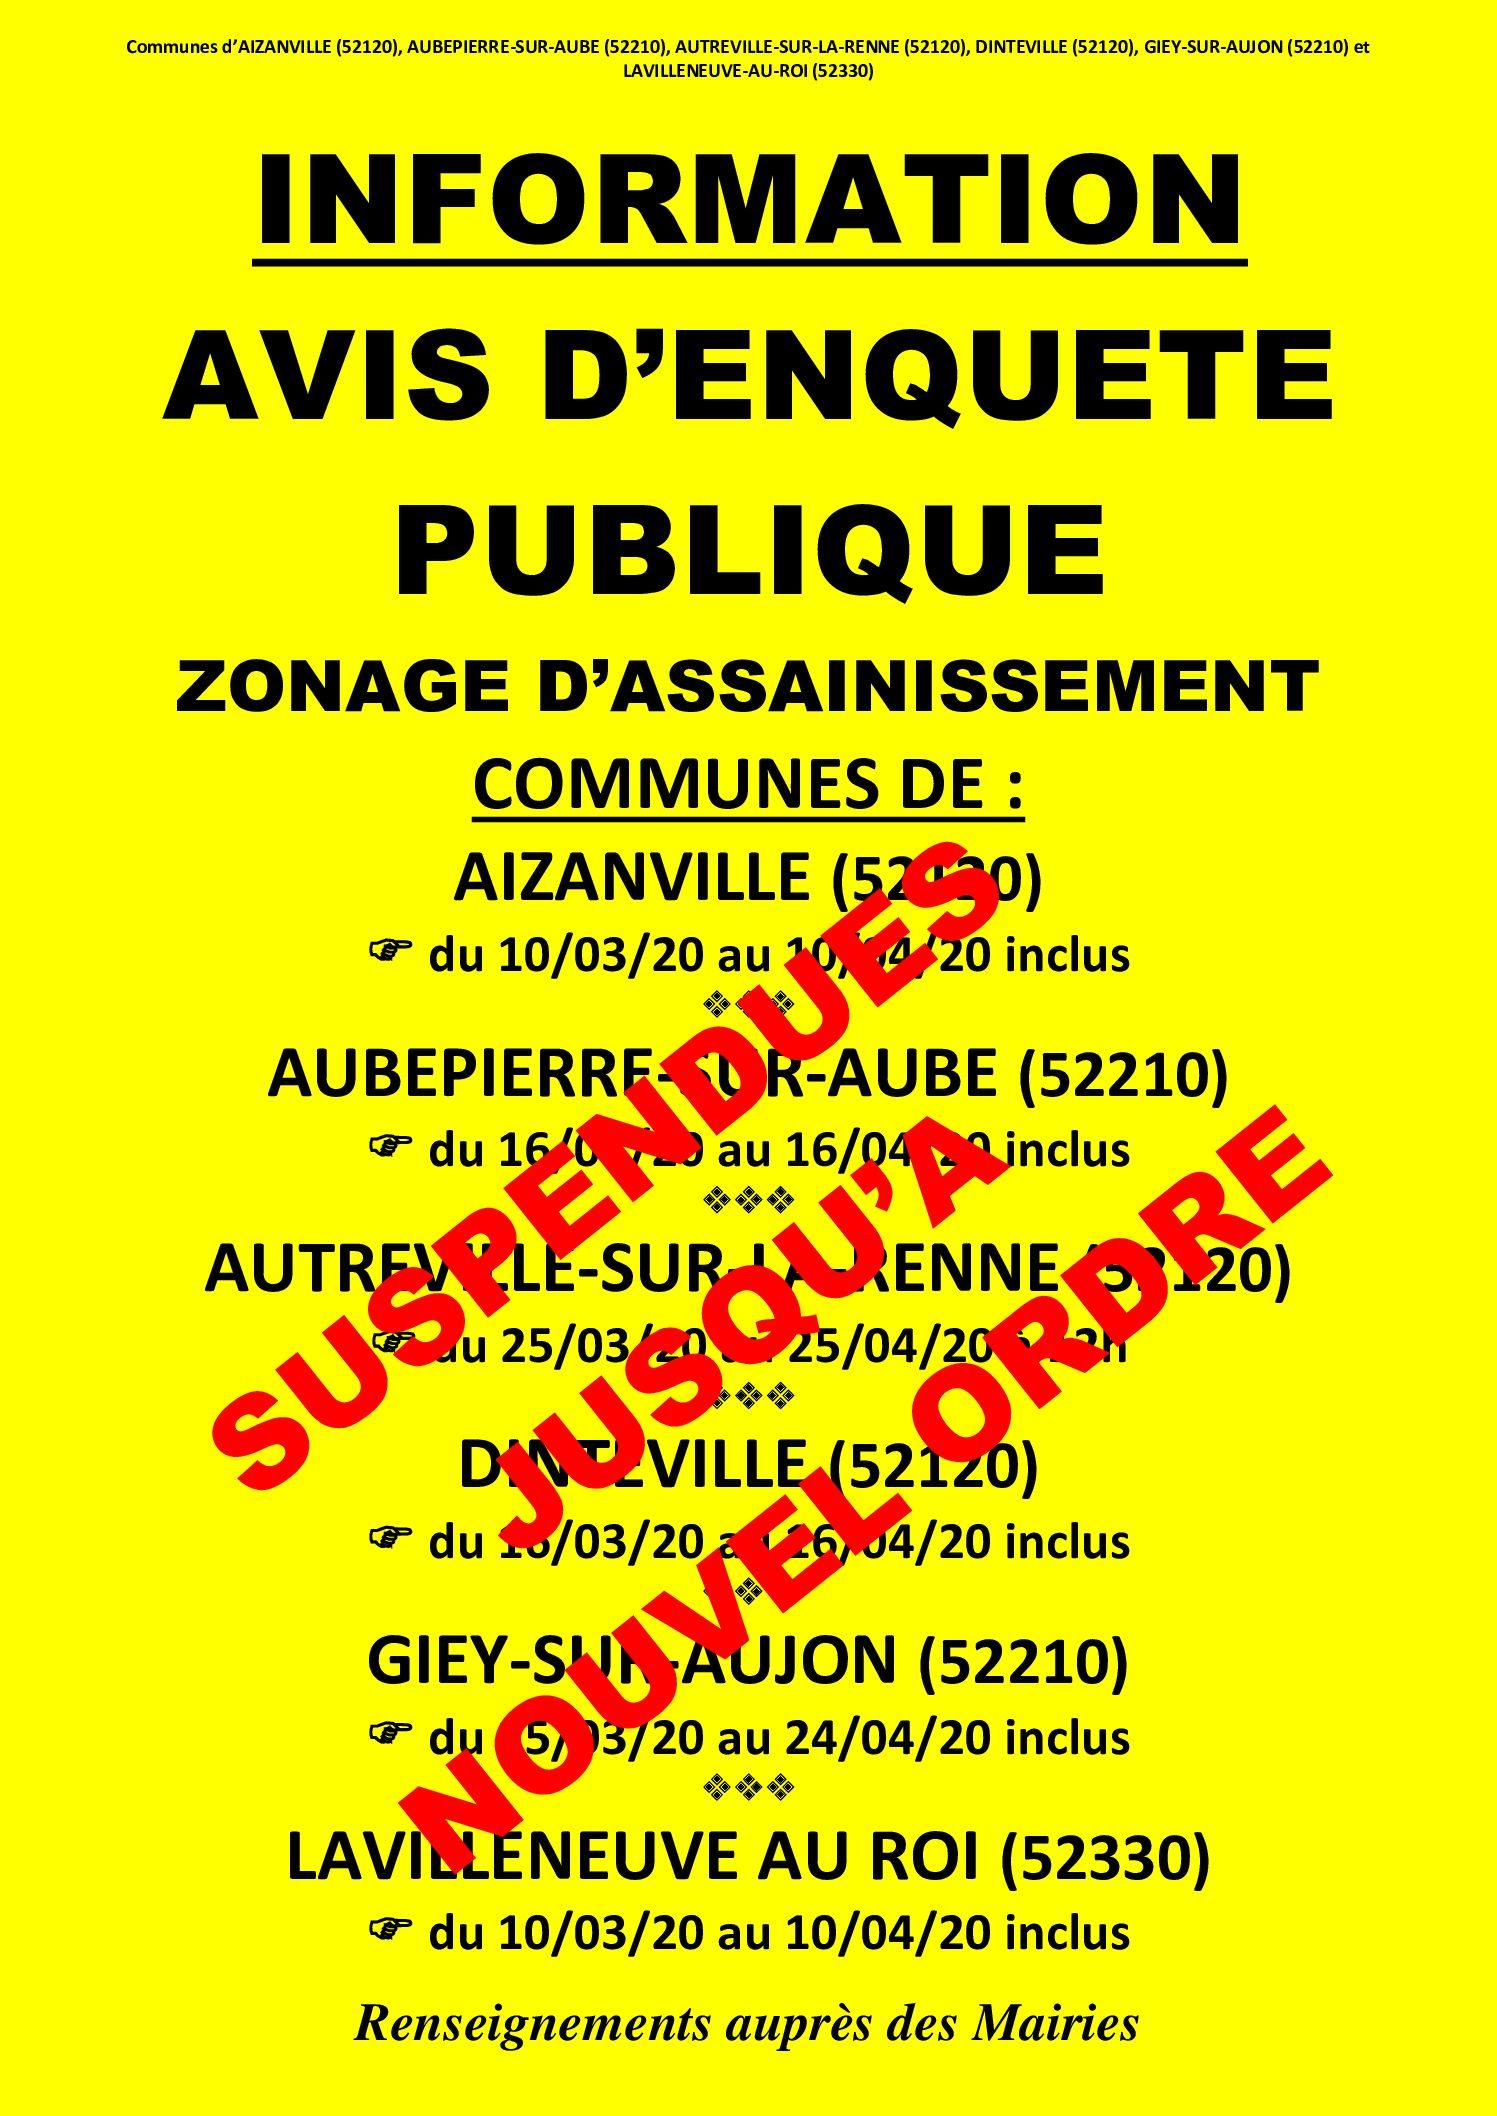 SUSPENSION DES ENQUÊTES PUBLIQUES – ZONAGE D'ASSAINISSEMENT